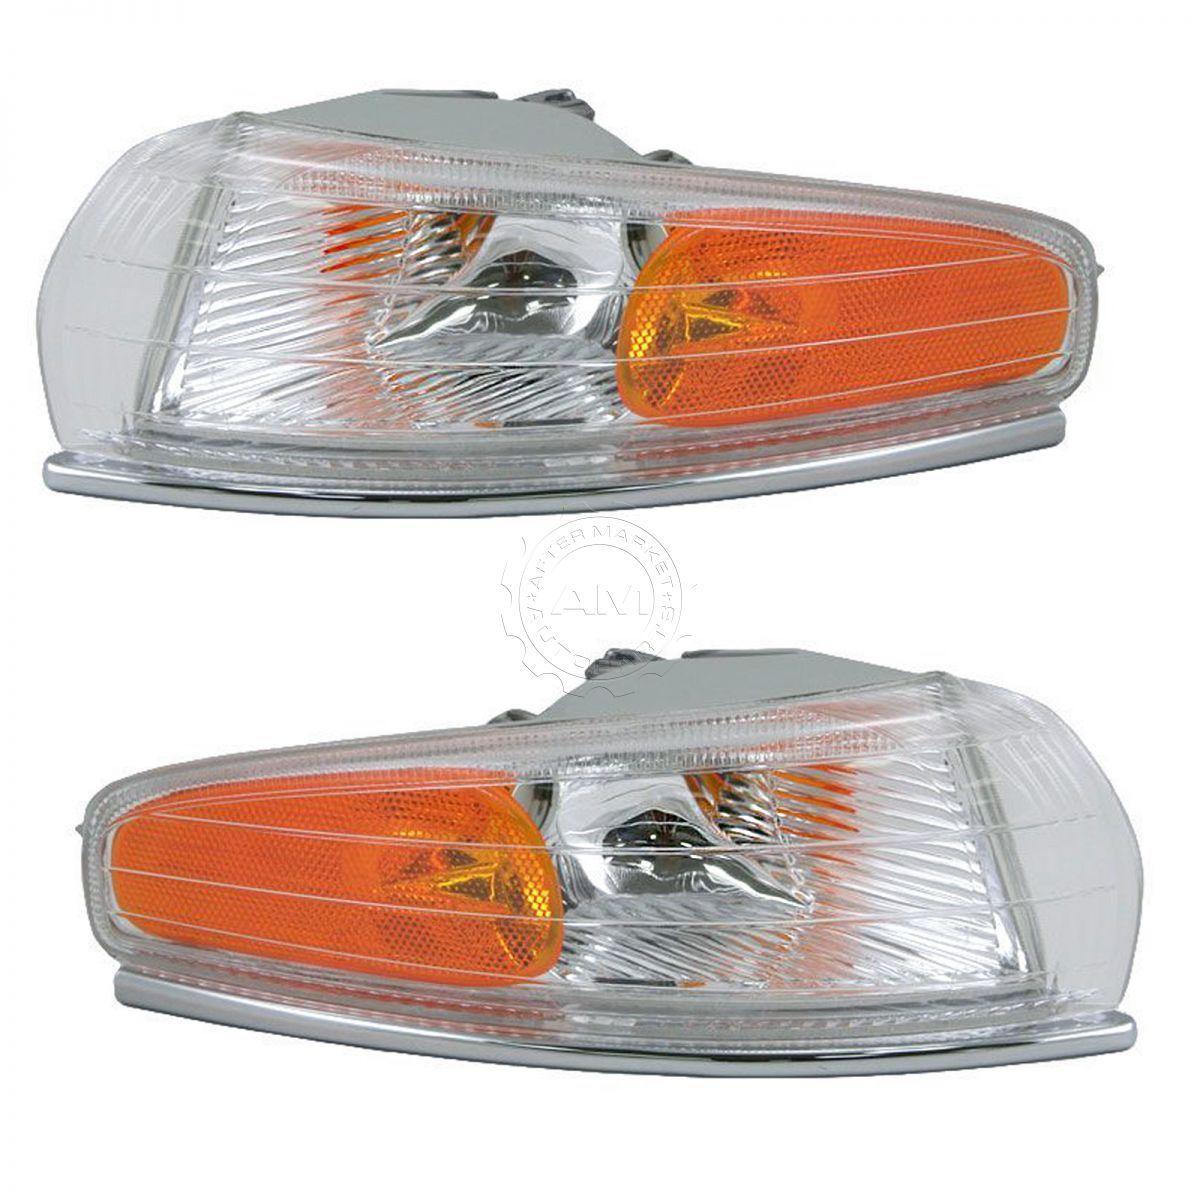 コーナーライト Front Side Marker Park Light Turn Signal Pair Set for Chrysler LHS New Yorker クライスラーLHSニューヨーカーのフロントサイドマーカーパークライトターンシグナルペア